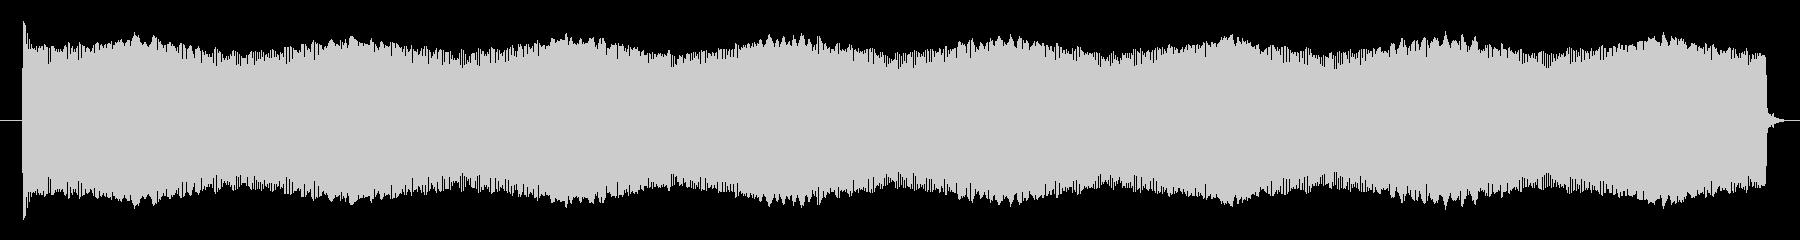 8bitパワーU-D-02-1_dryの未再生の波形